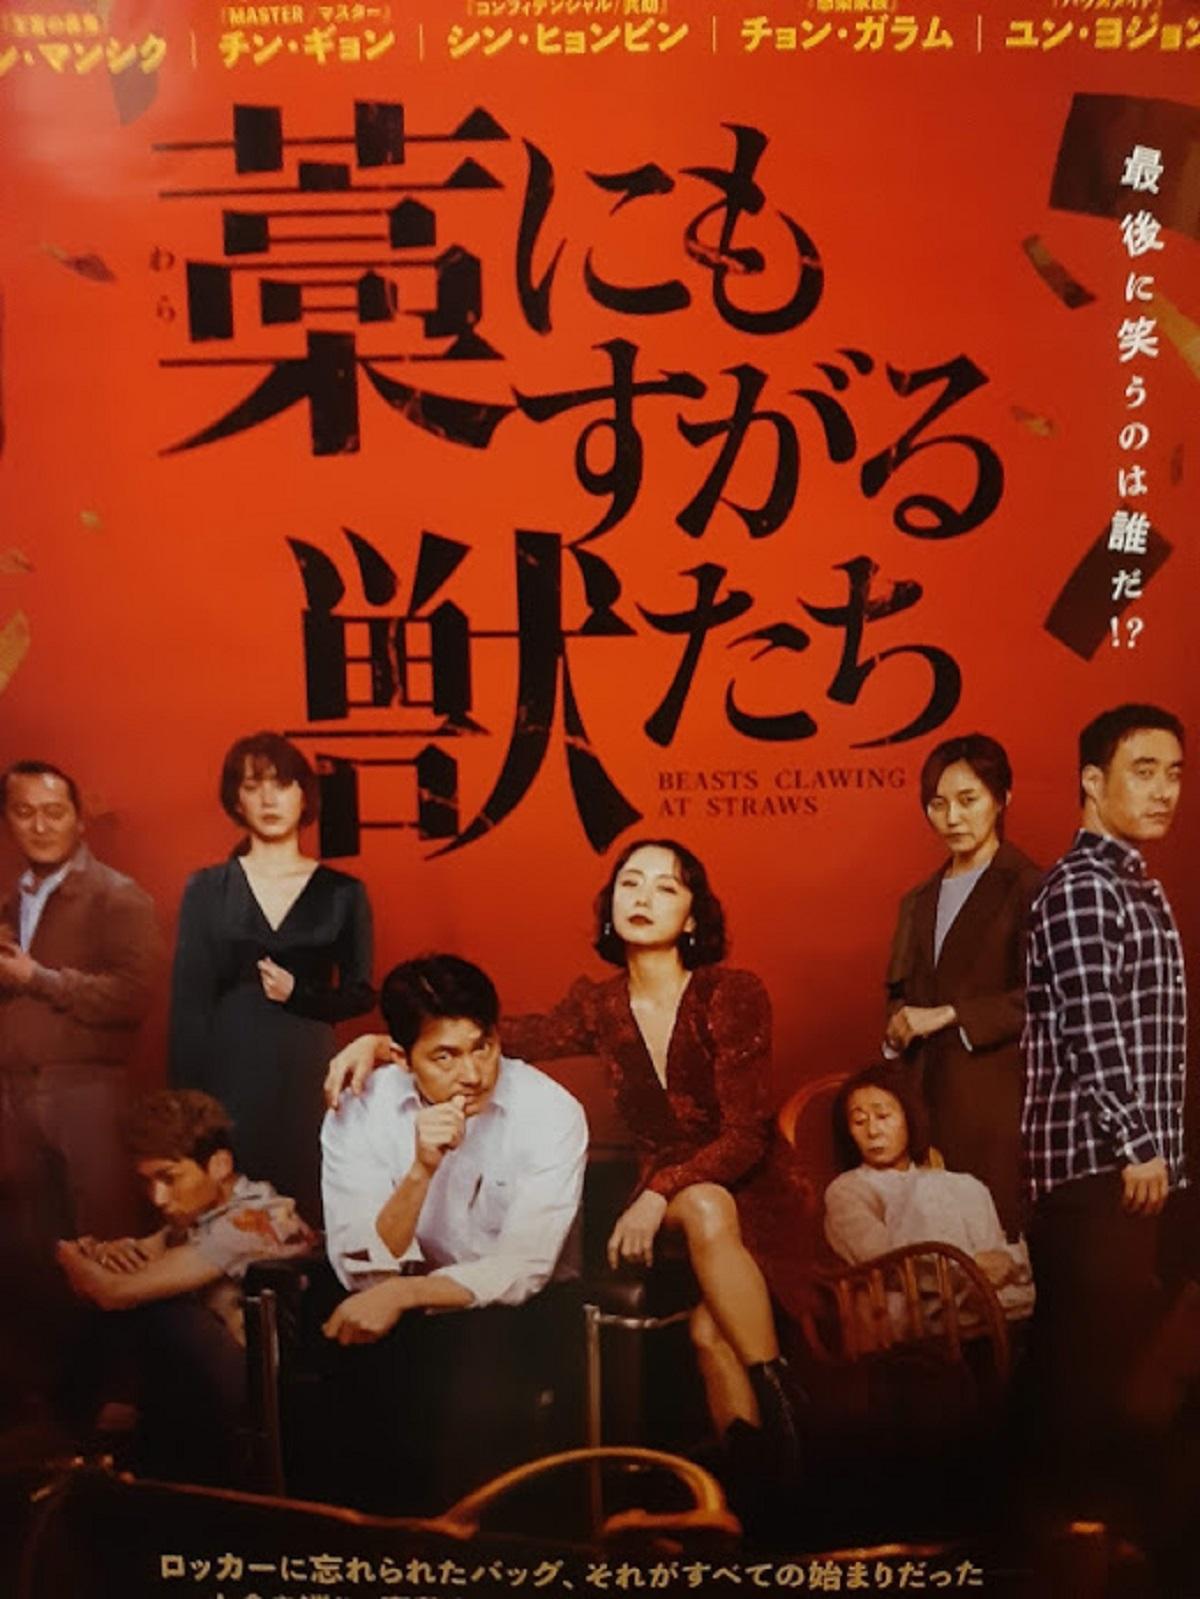 映画『藁にもすがる獣たち』のポスター